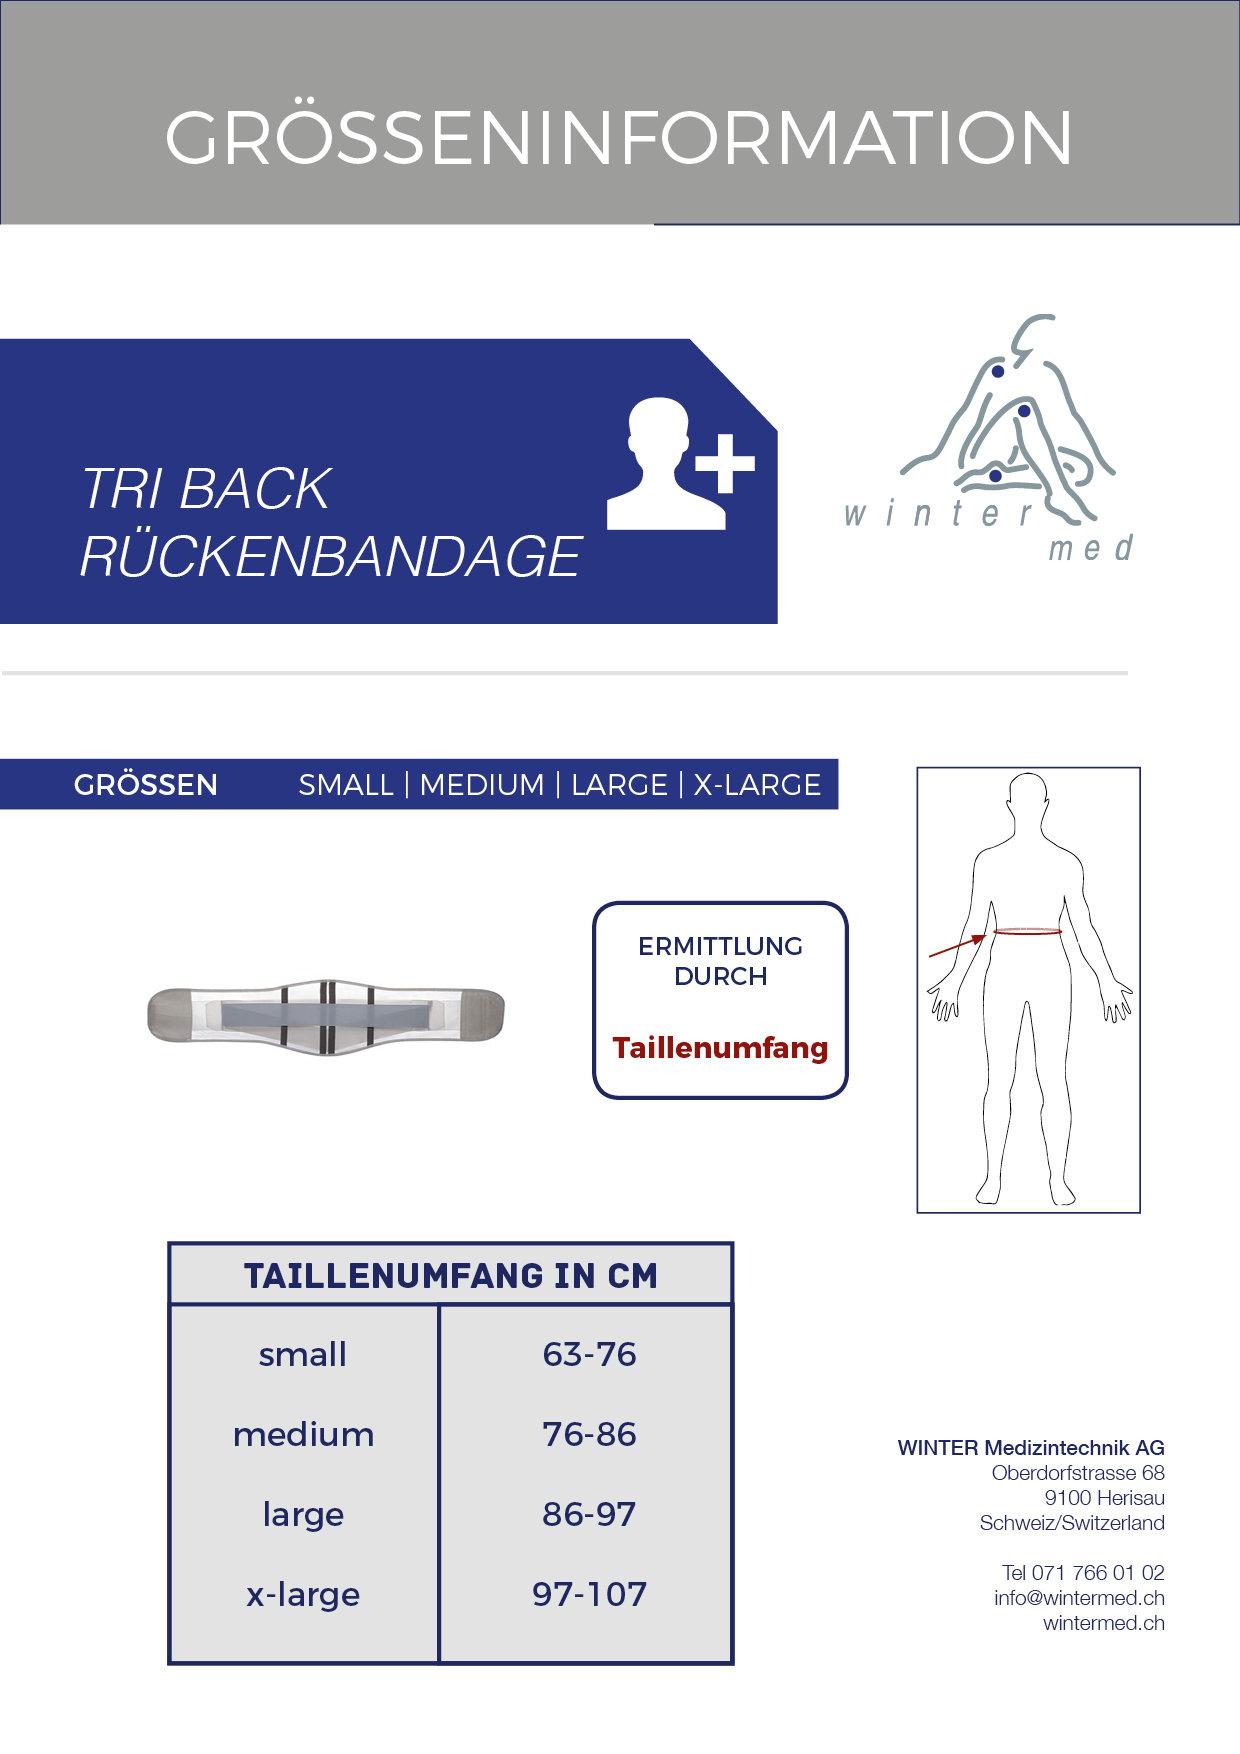 Grössentabelle der TRI BACK Rückenbandage